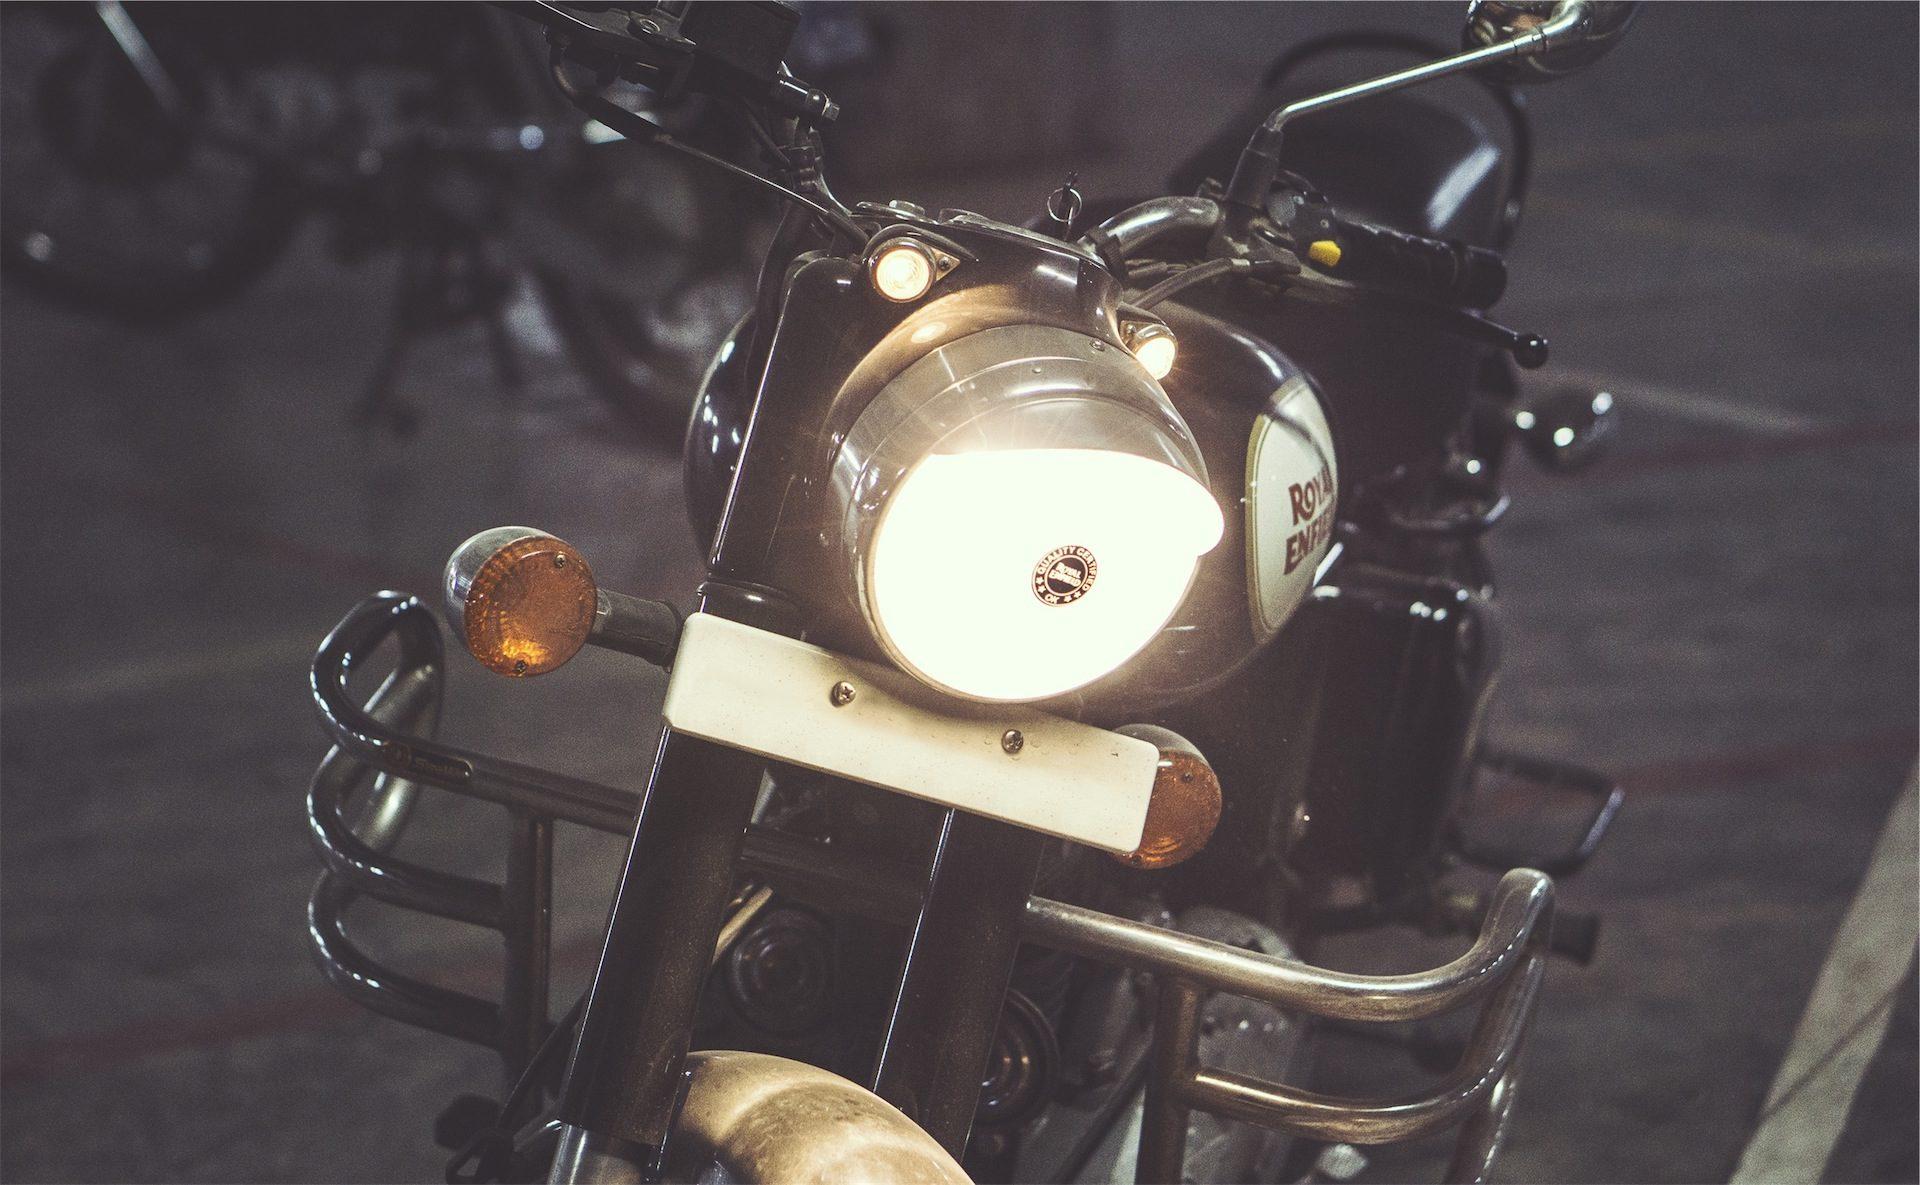 モト, 灯台, 光, オートバイ, 道路 - HD の壁紙 - 教授-falken.com